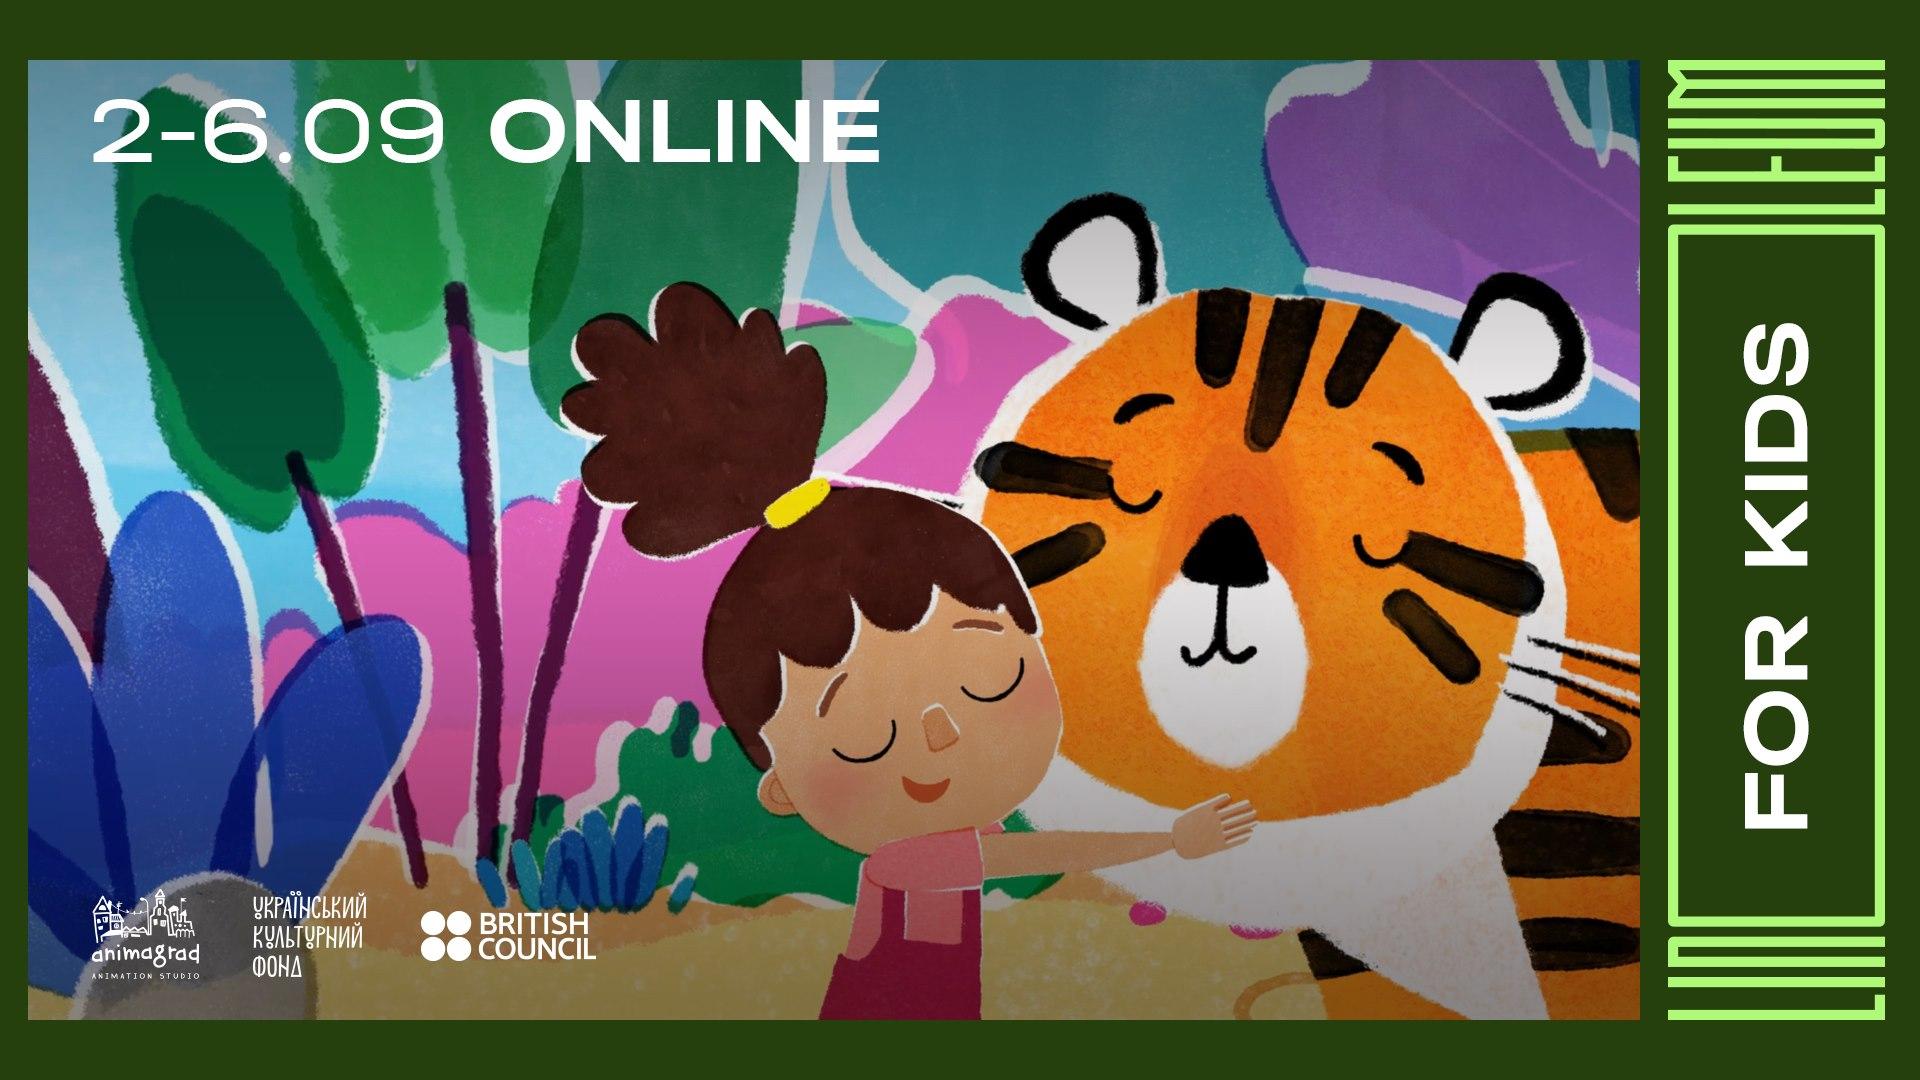 Фестиваль анимации LINOLEUM и British Council объявляют детскую программу